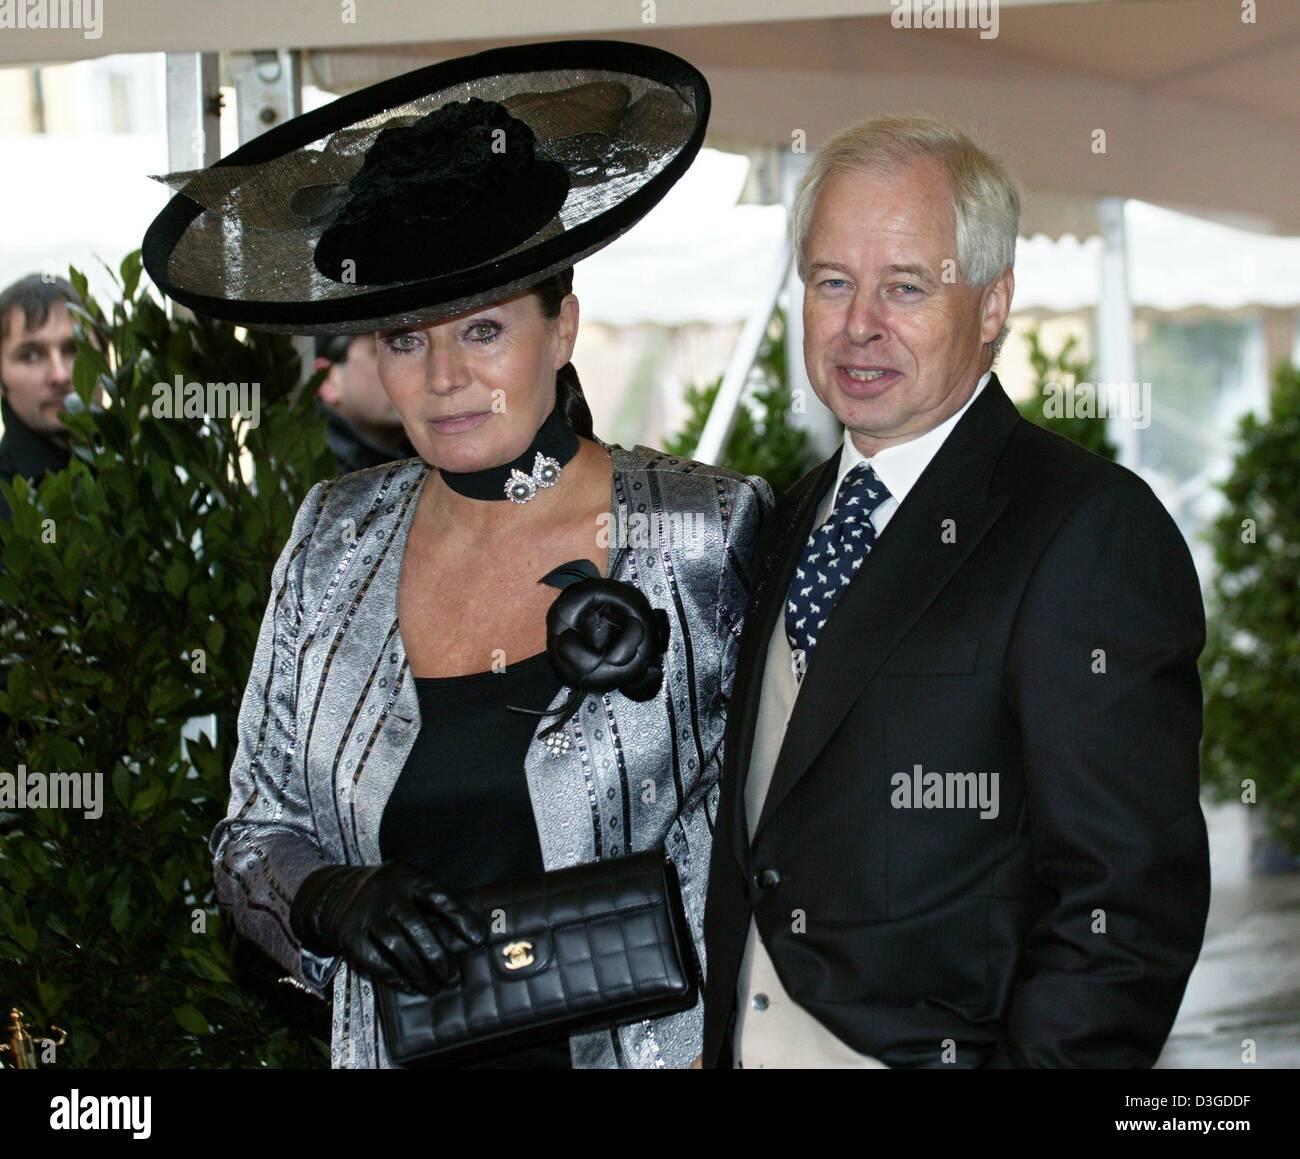 Menscheninteresse Hum Menschen Royals Hut Ernst Deutschland